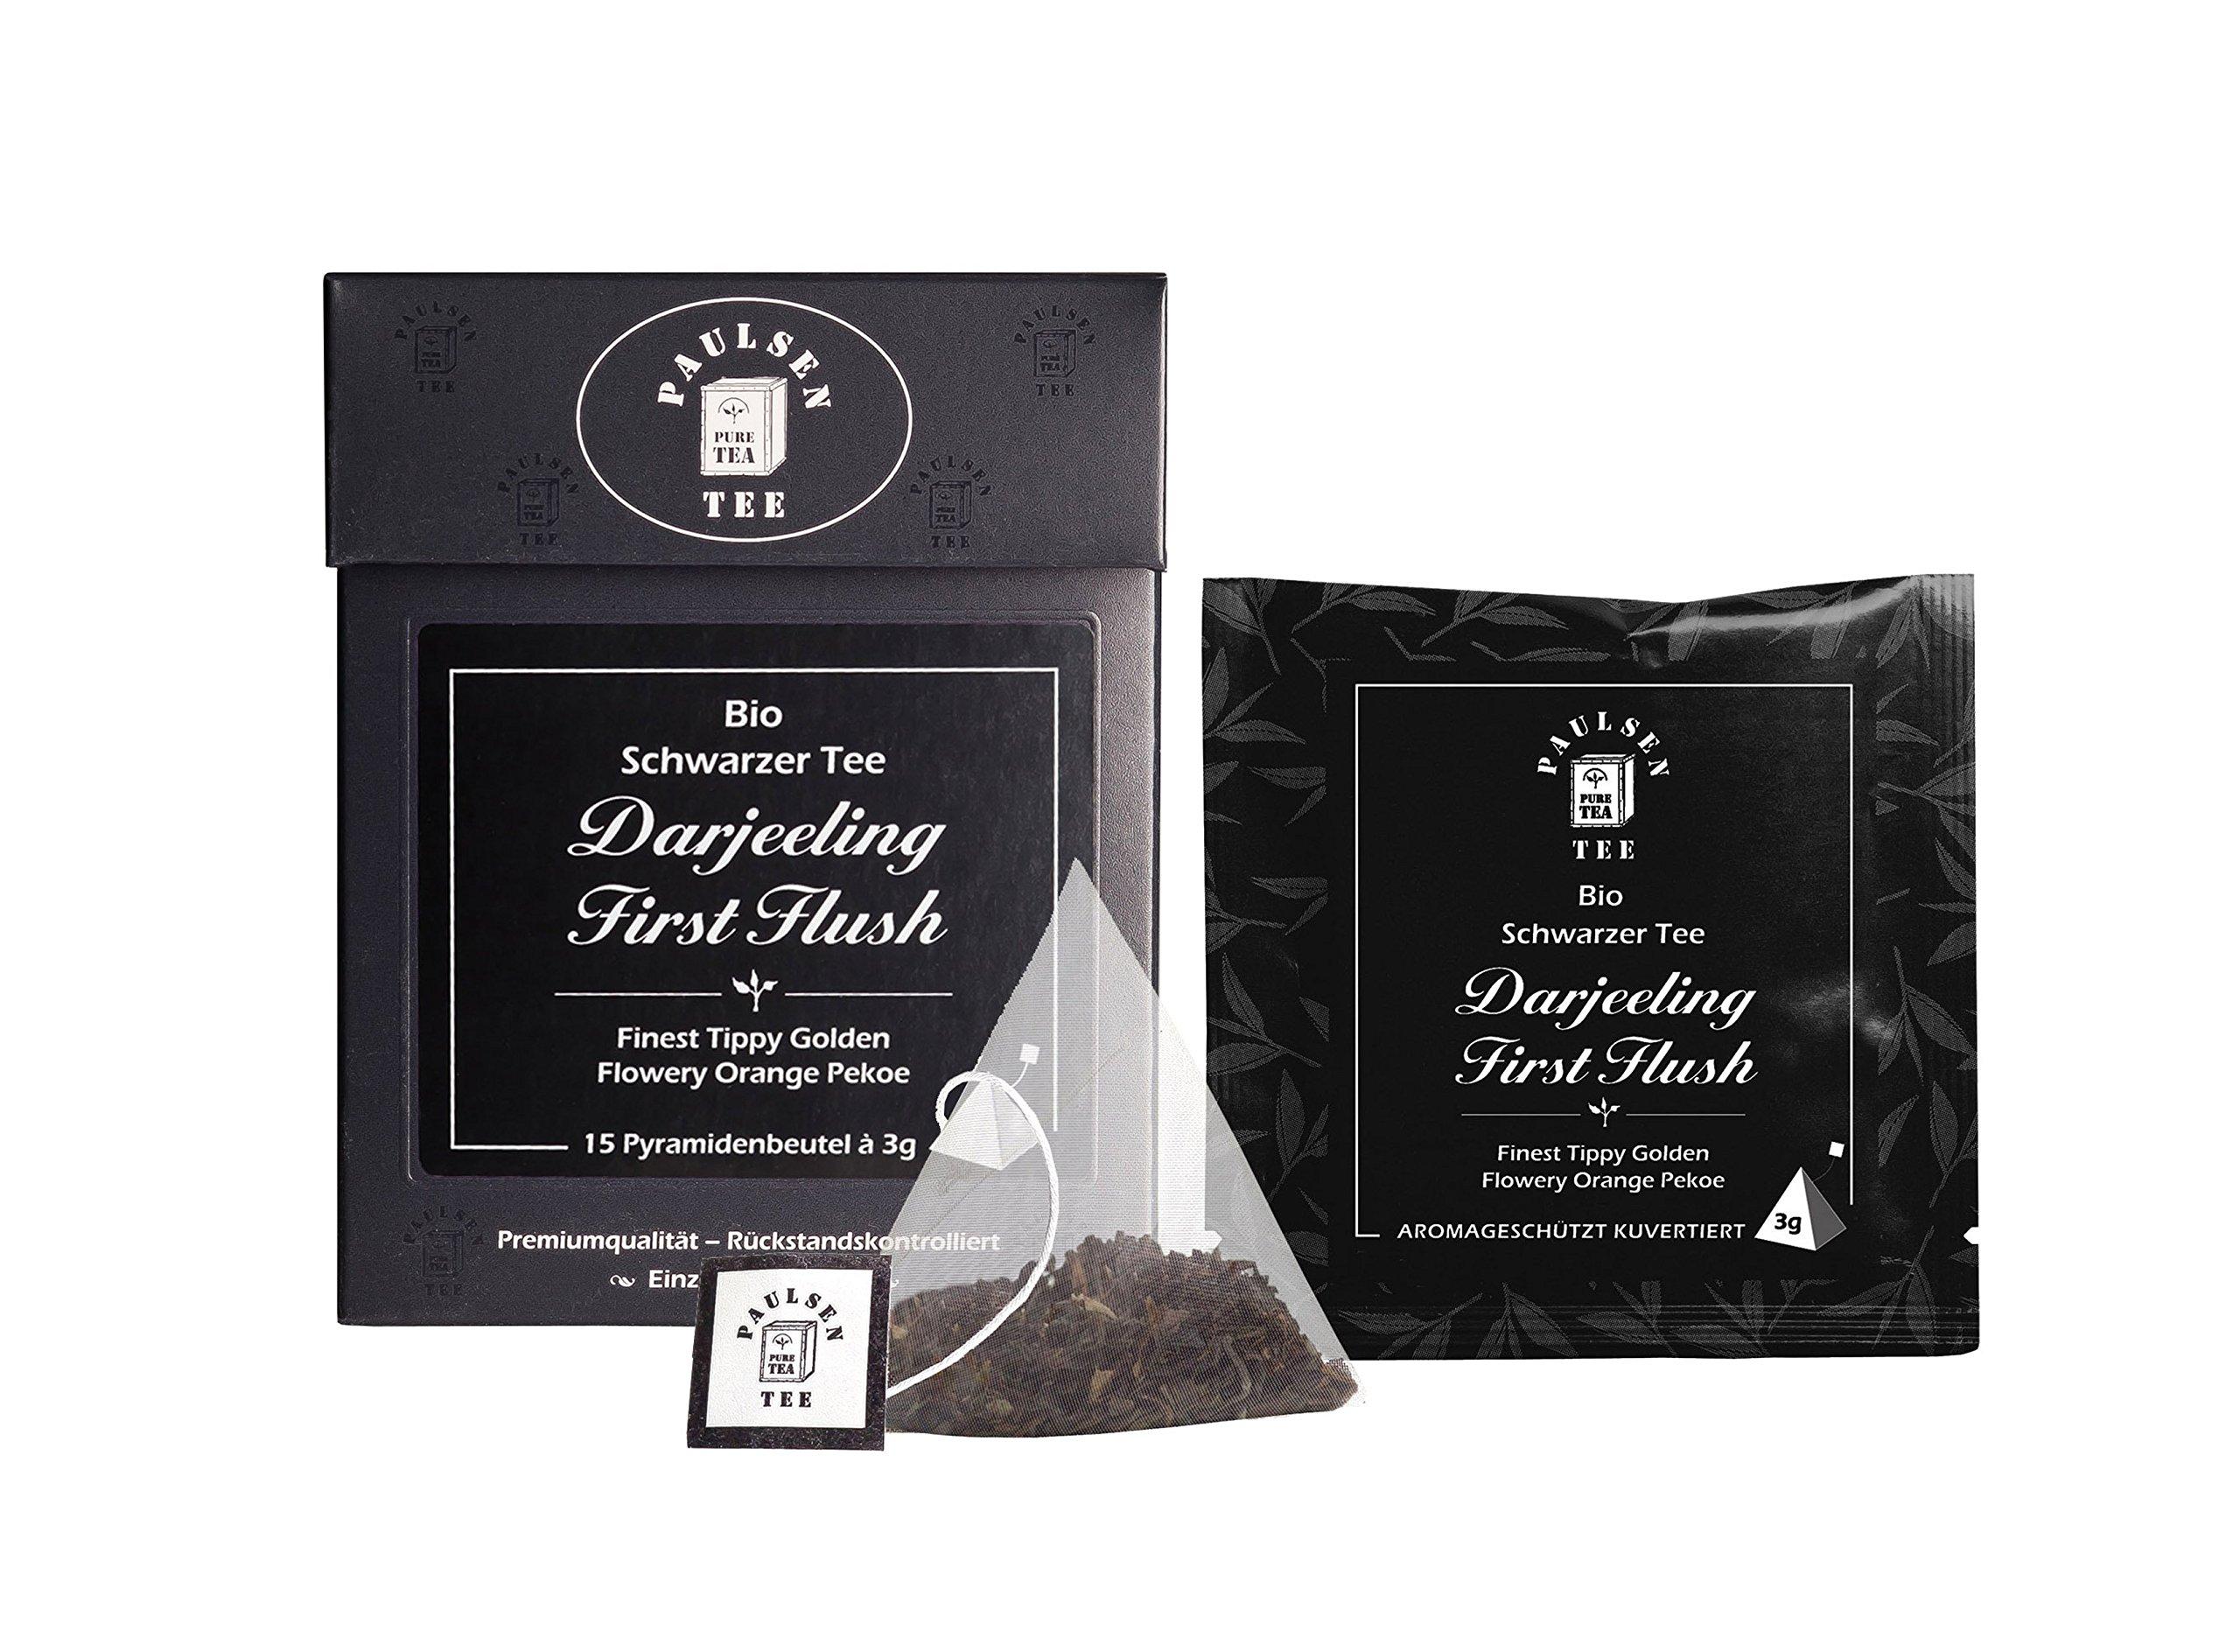 Paulsen-Tee-Pyramidenbeutel-Darjeeling-First-Flush-Schwarzer-Tee-15-x-3g-Bio